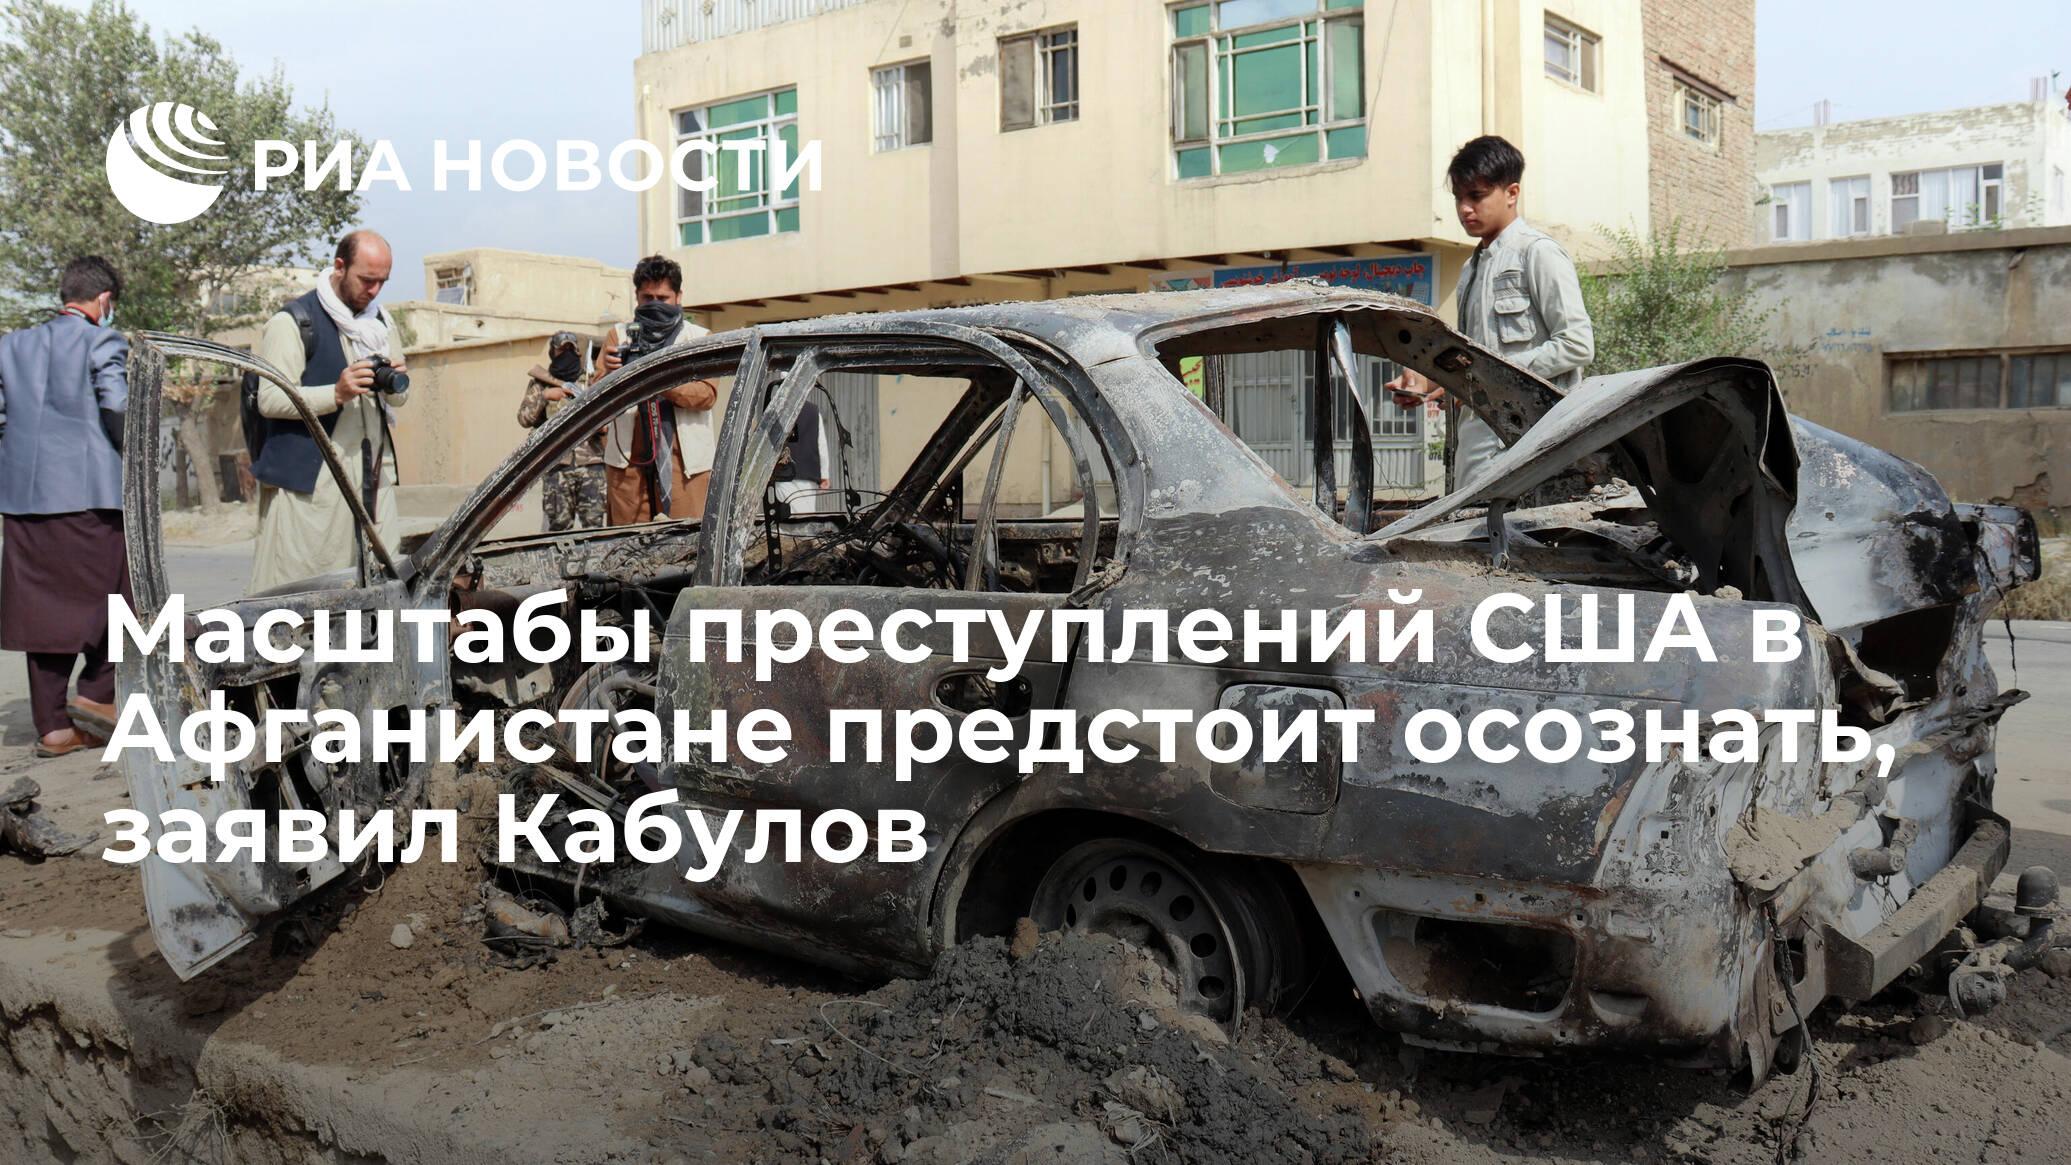 Масштабы преступлений США в Афганистане предстоит осознать, заявил Кабулов